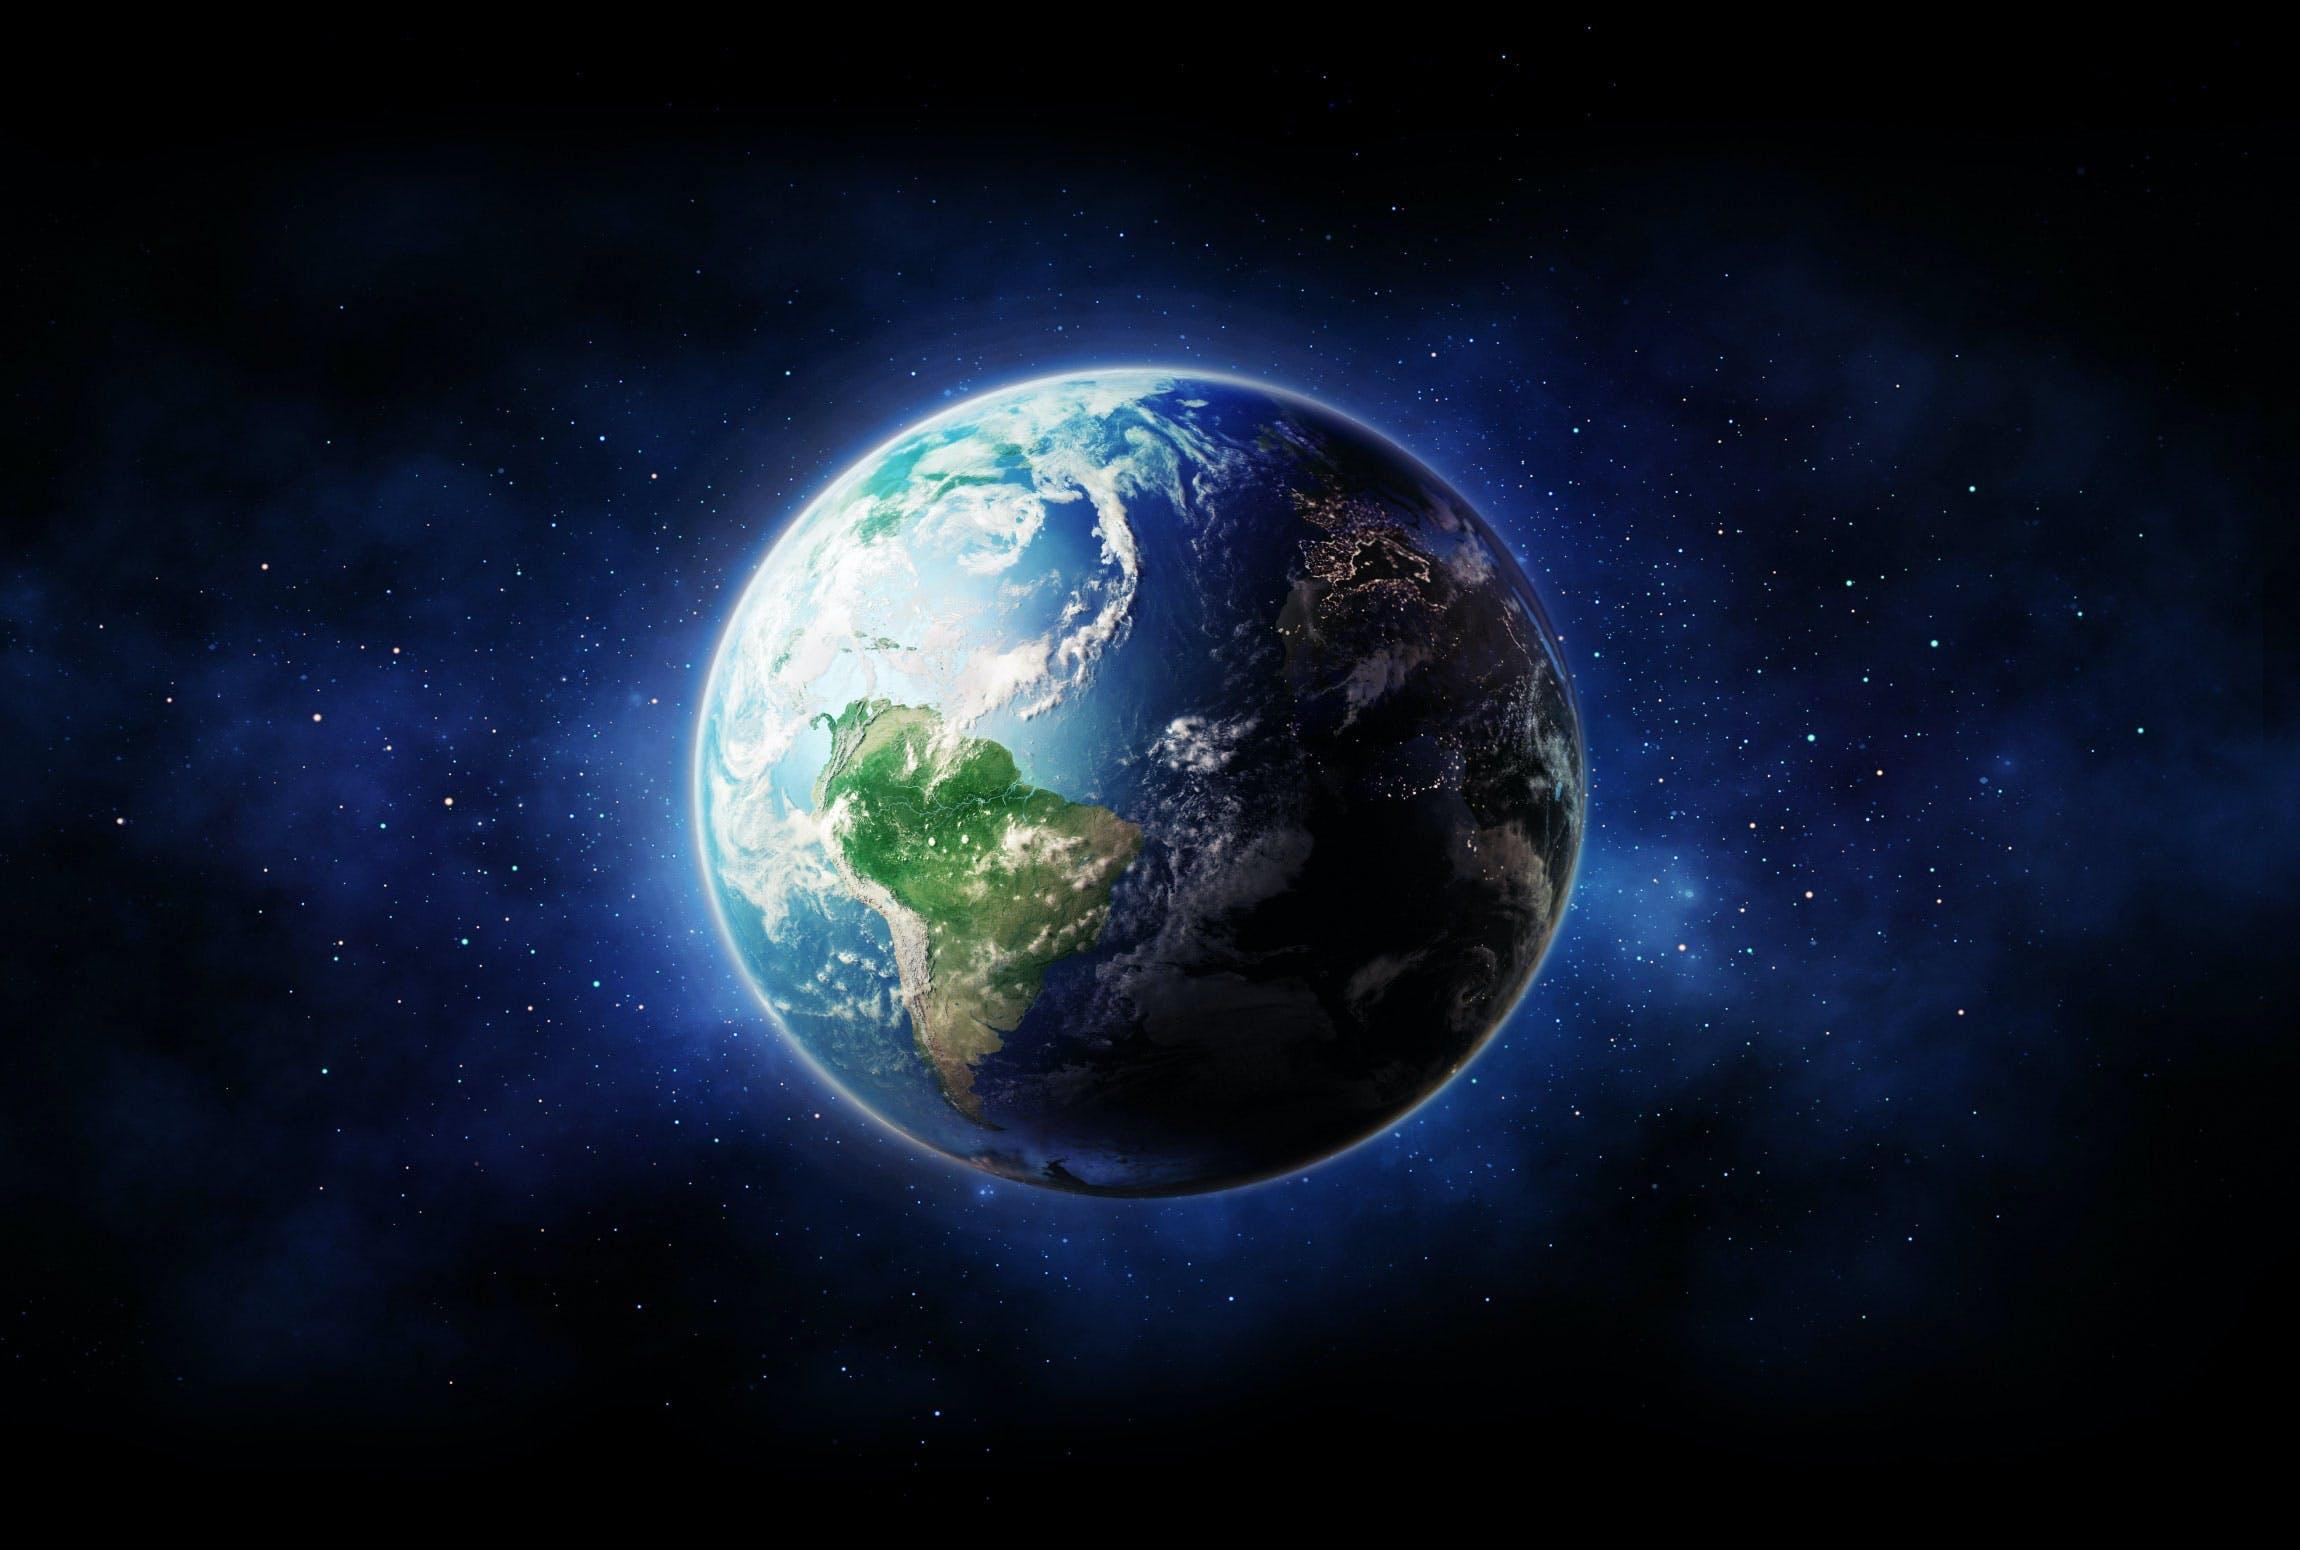 Fakta om jorden